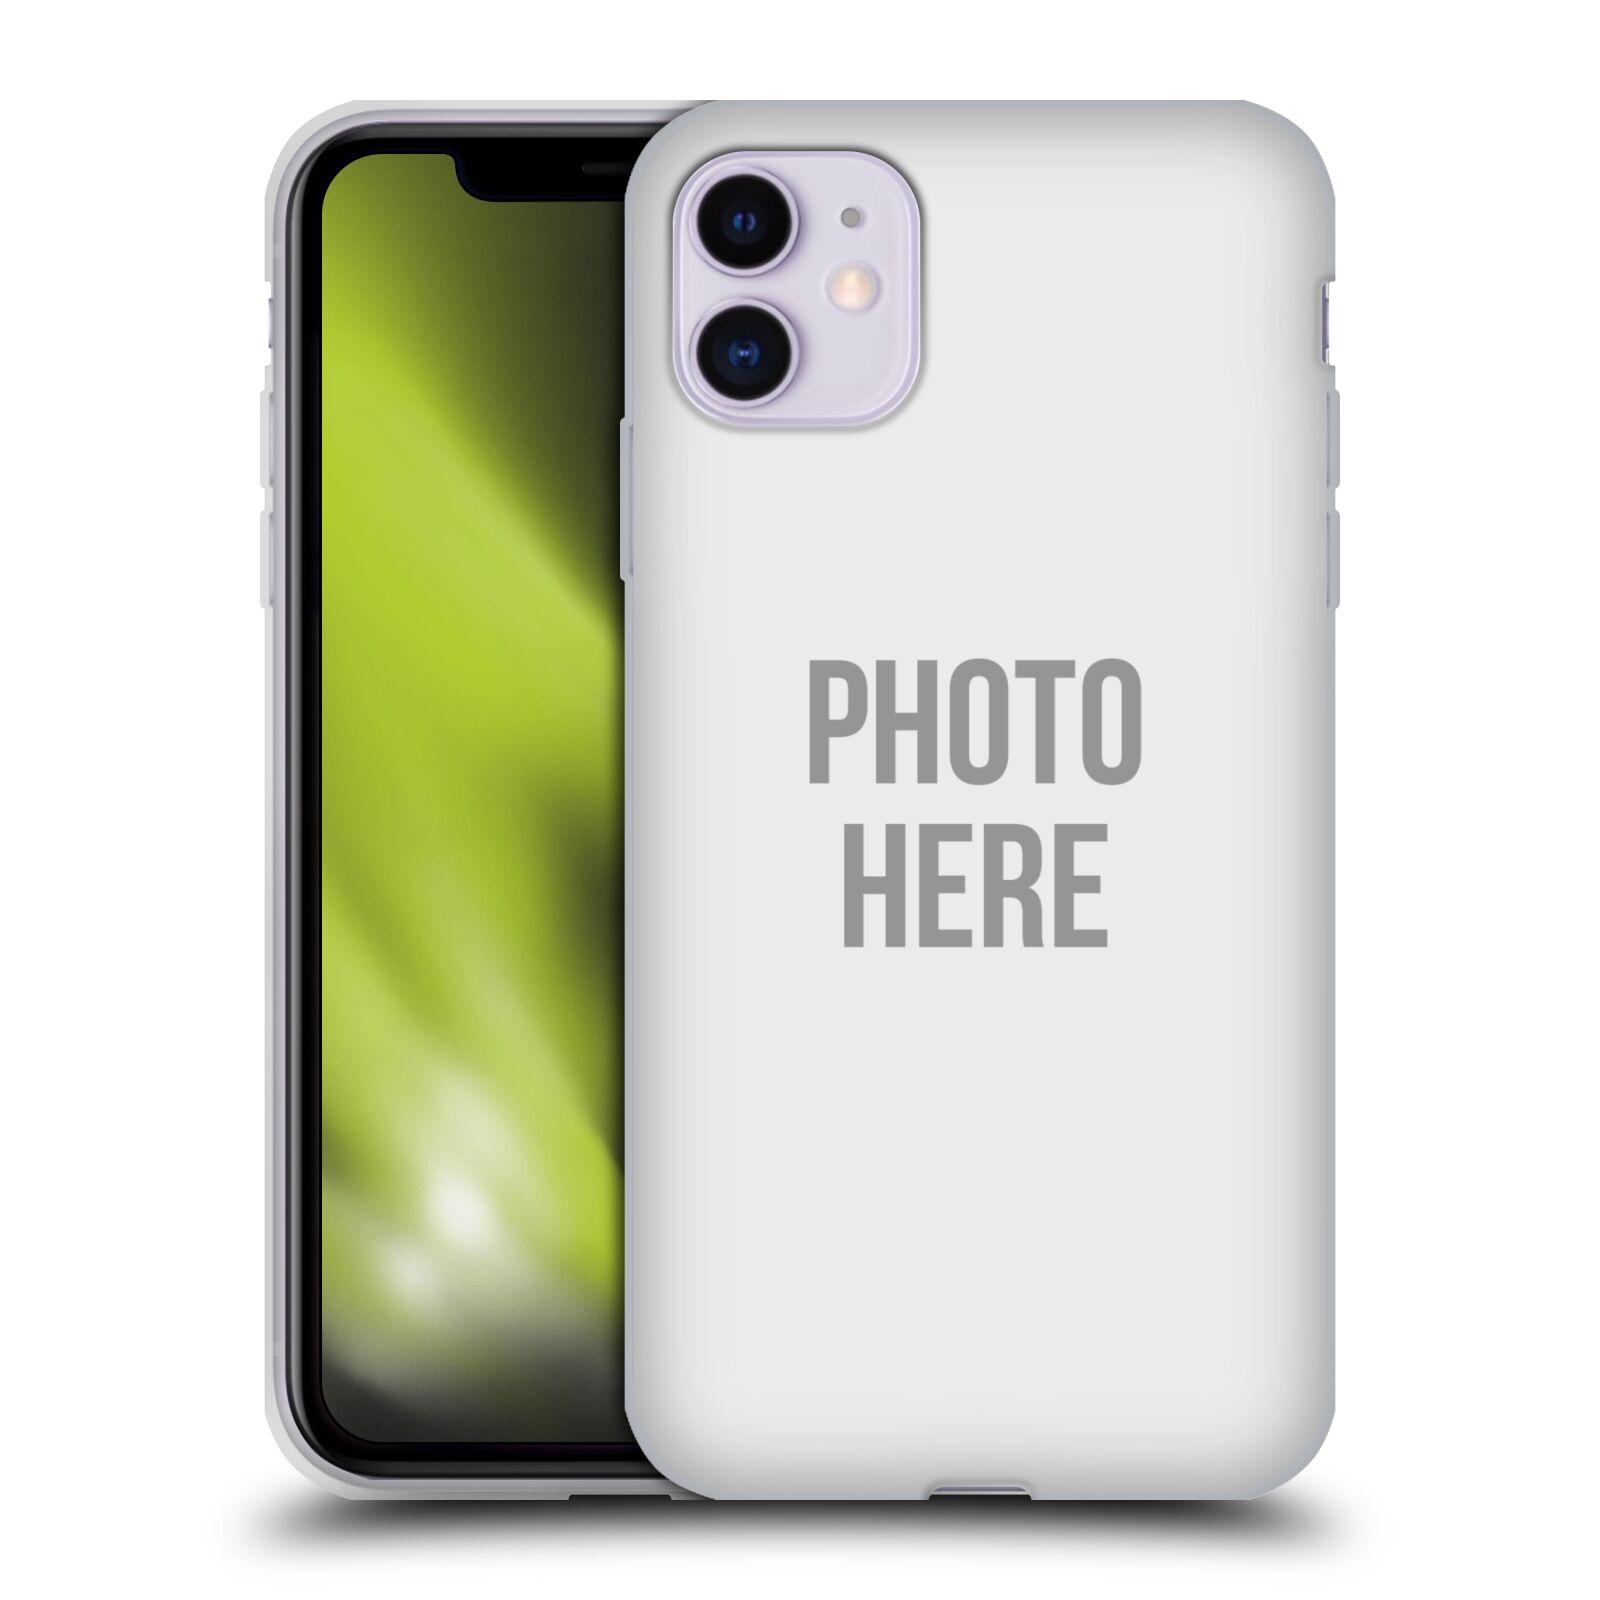 Silikonové pouzdro na mobil Apple iPhone 11 - Head Case - s vlastním motivem